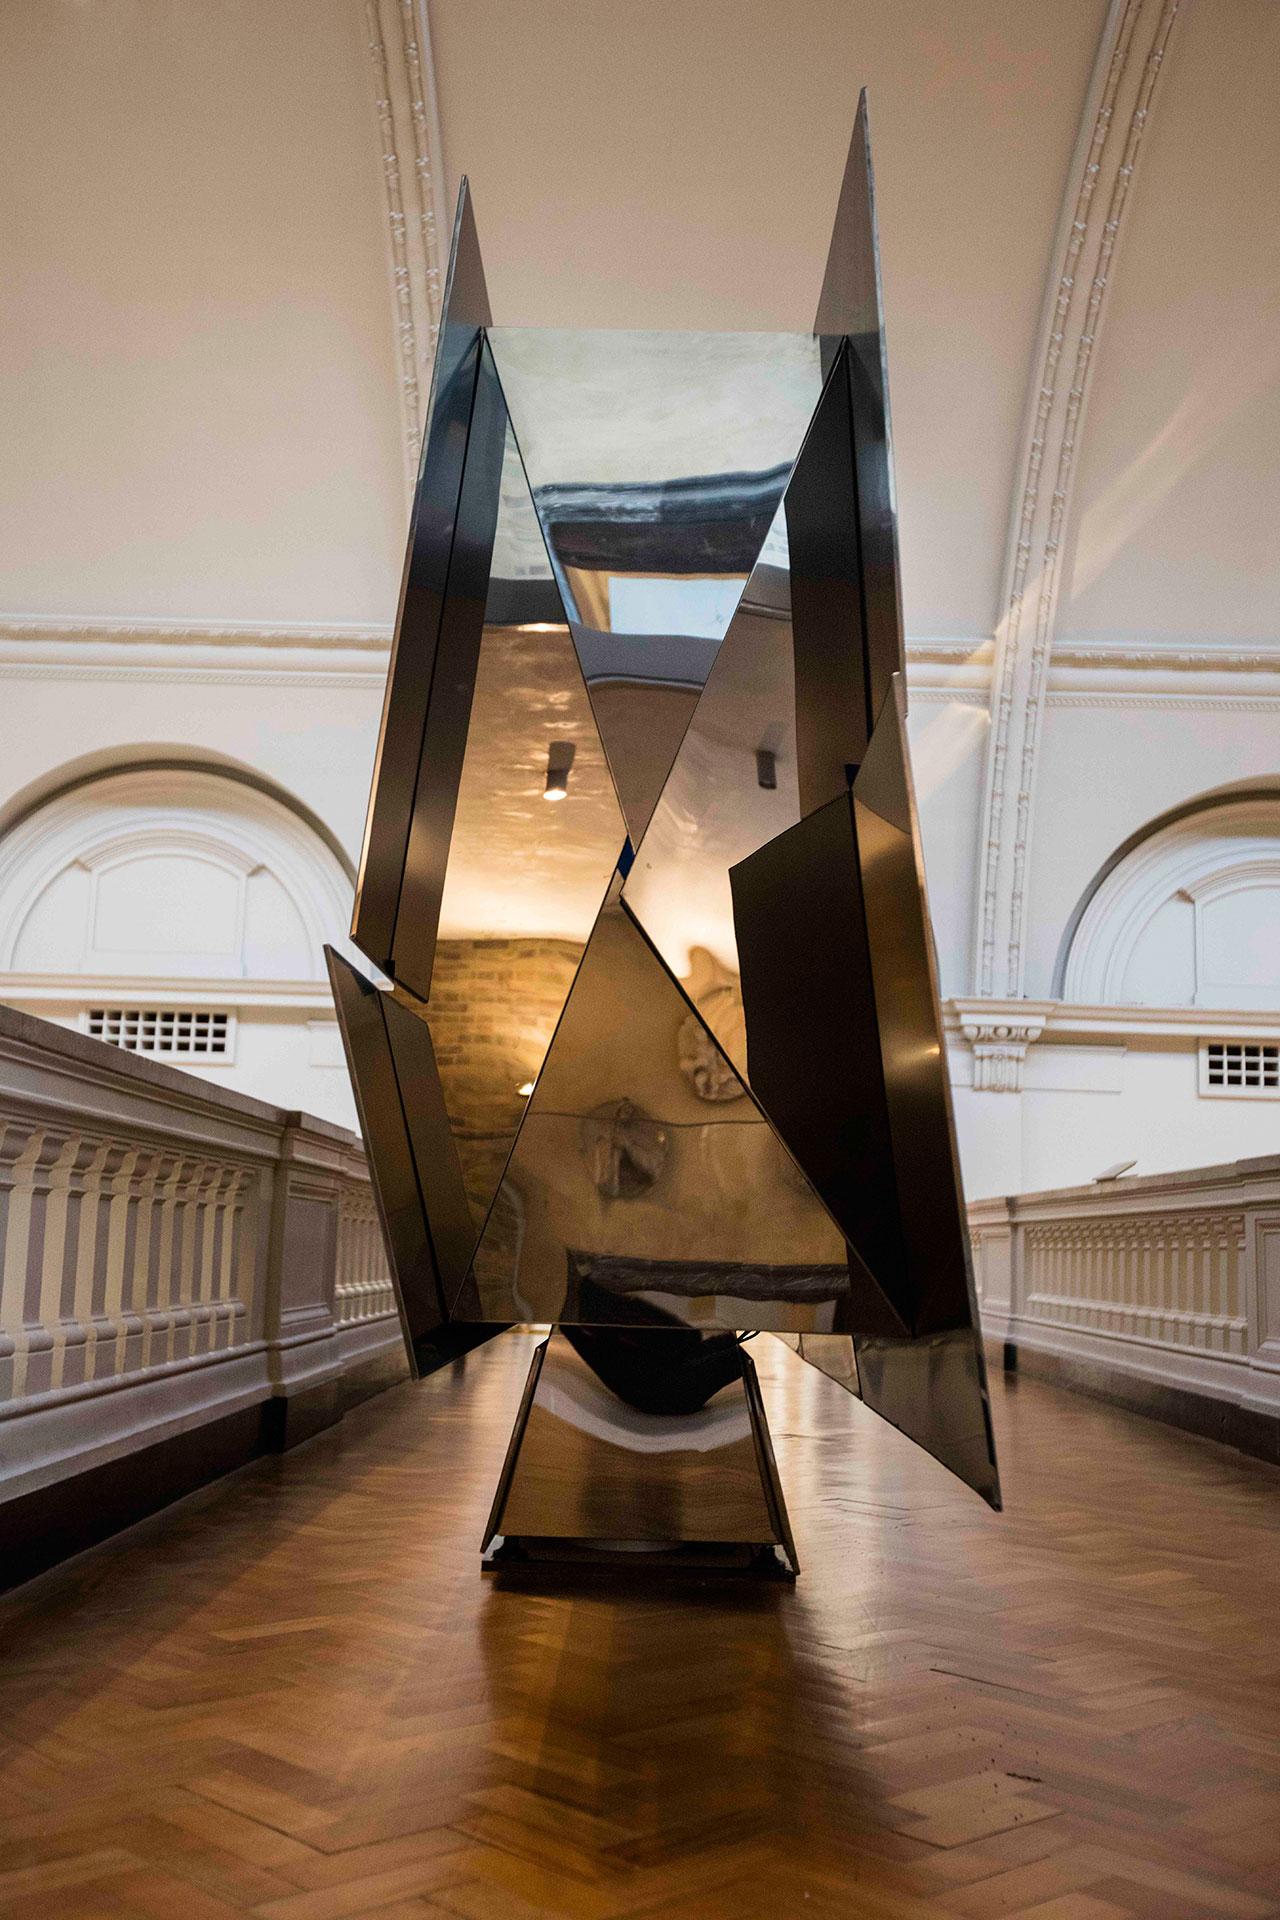 BelovedbyTabanlıoğlu Architects. The London Design Festival at the V&A.Installation view.Photoby Emre Dörter.